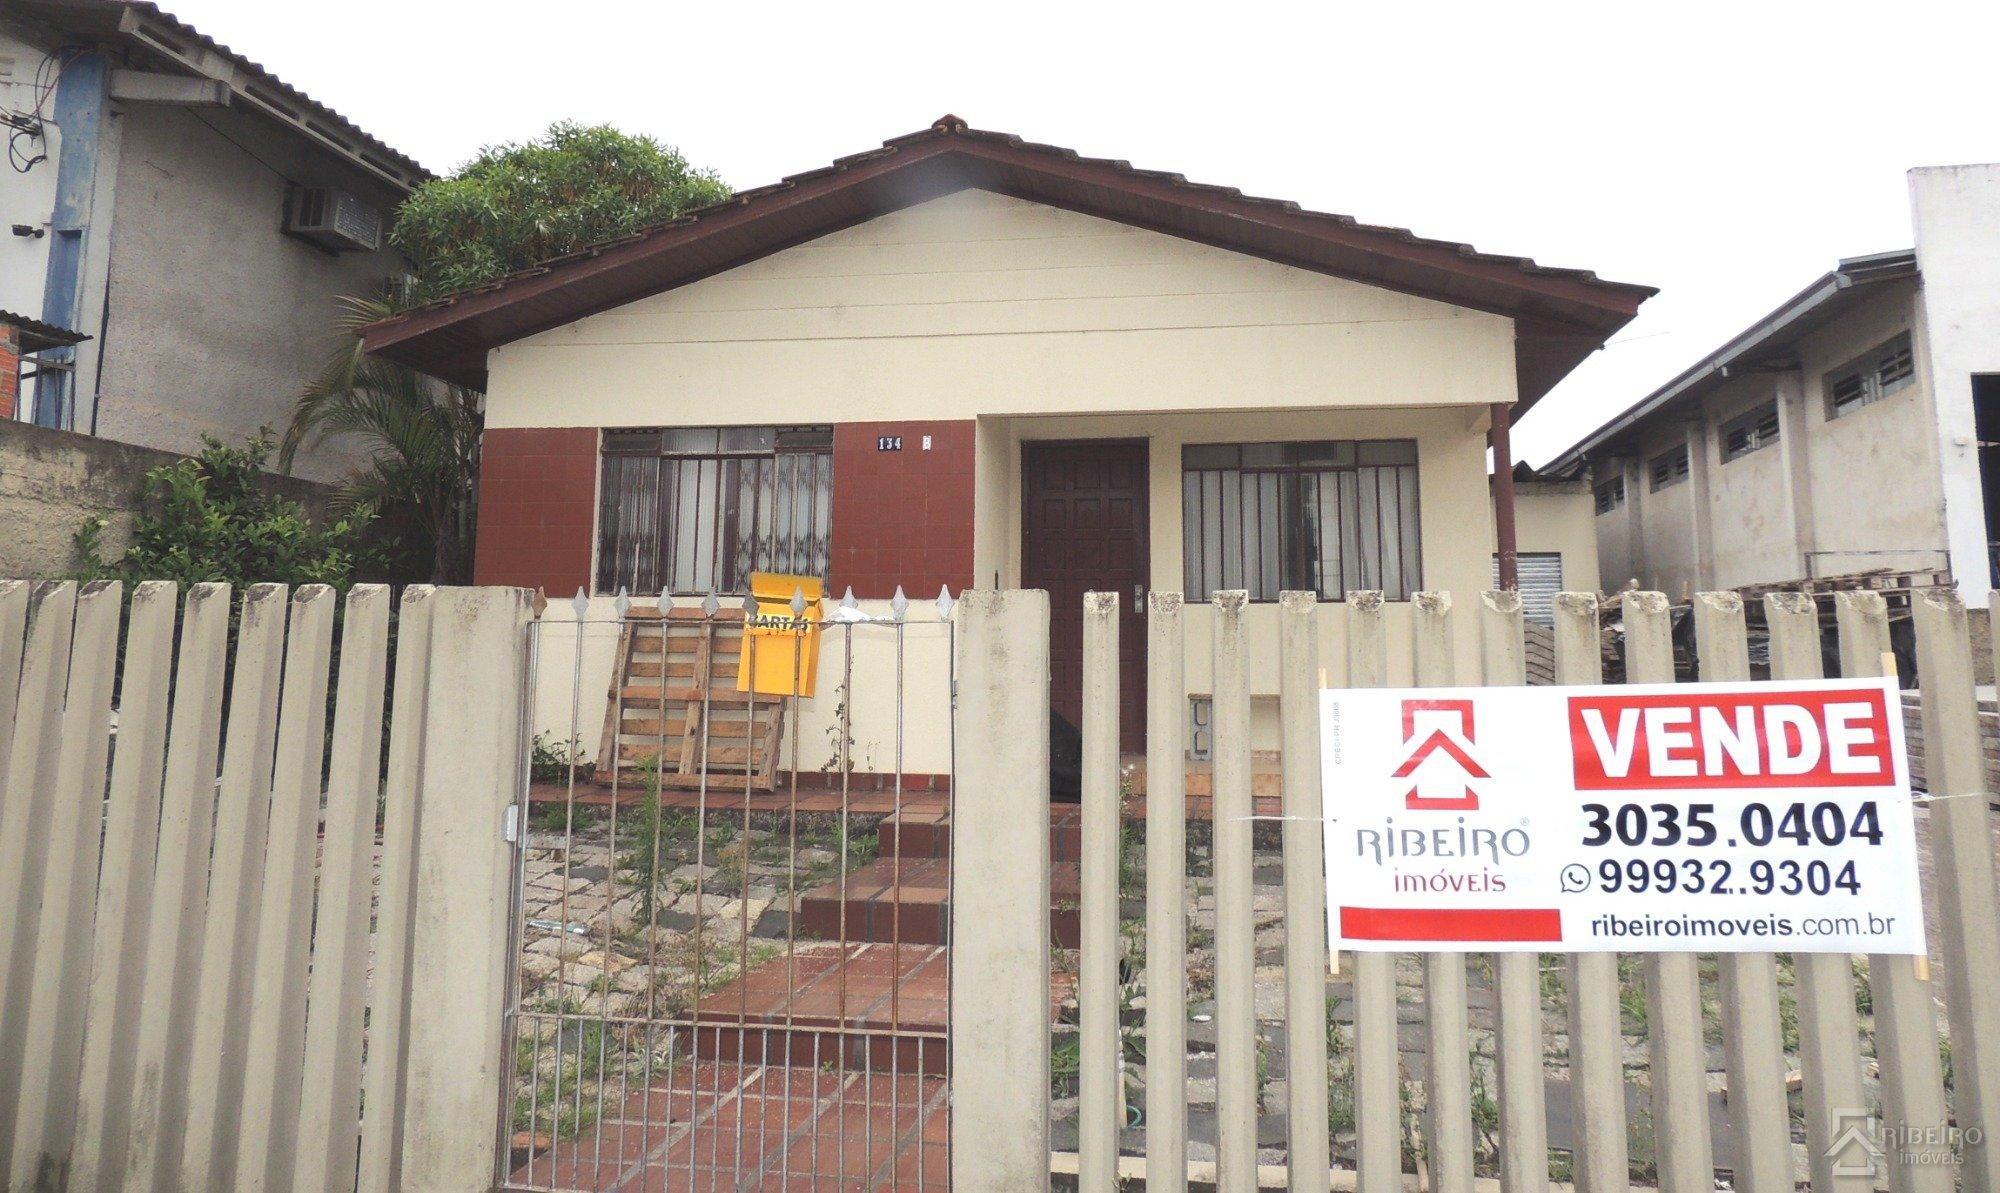 REF. 7984 -  Sao Jose Dos Pinhais - Rua  Josefina Dalnegro, 134